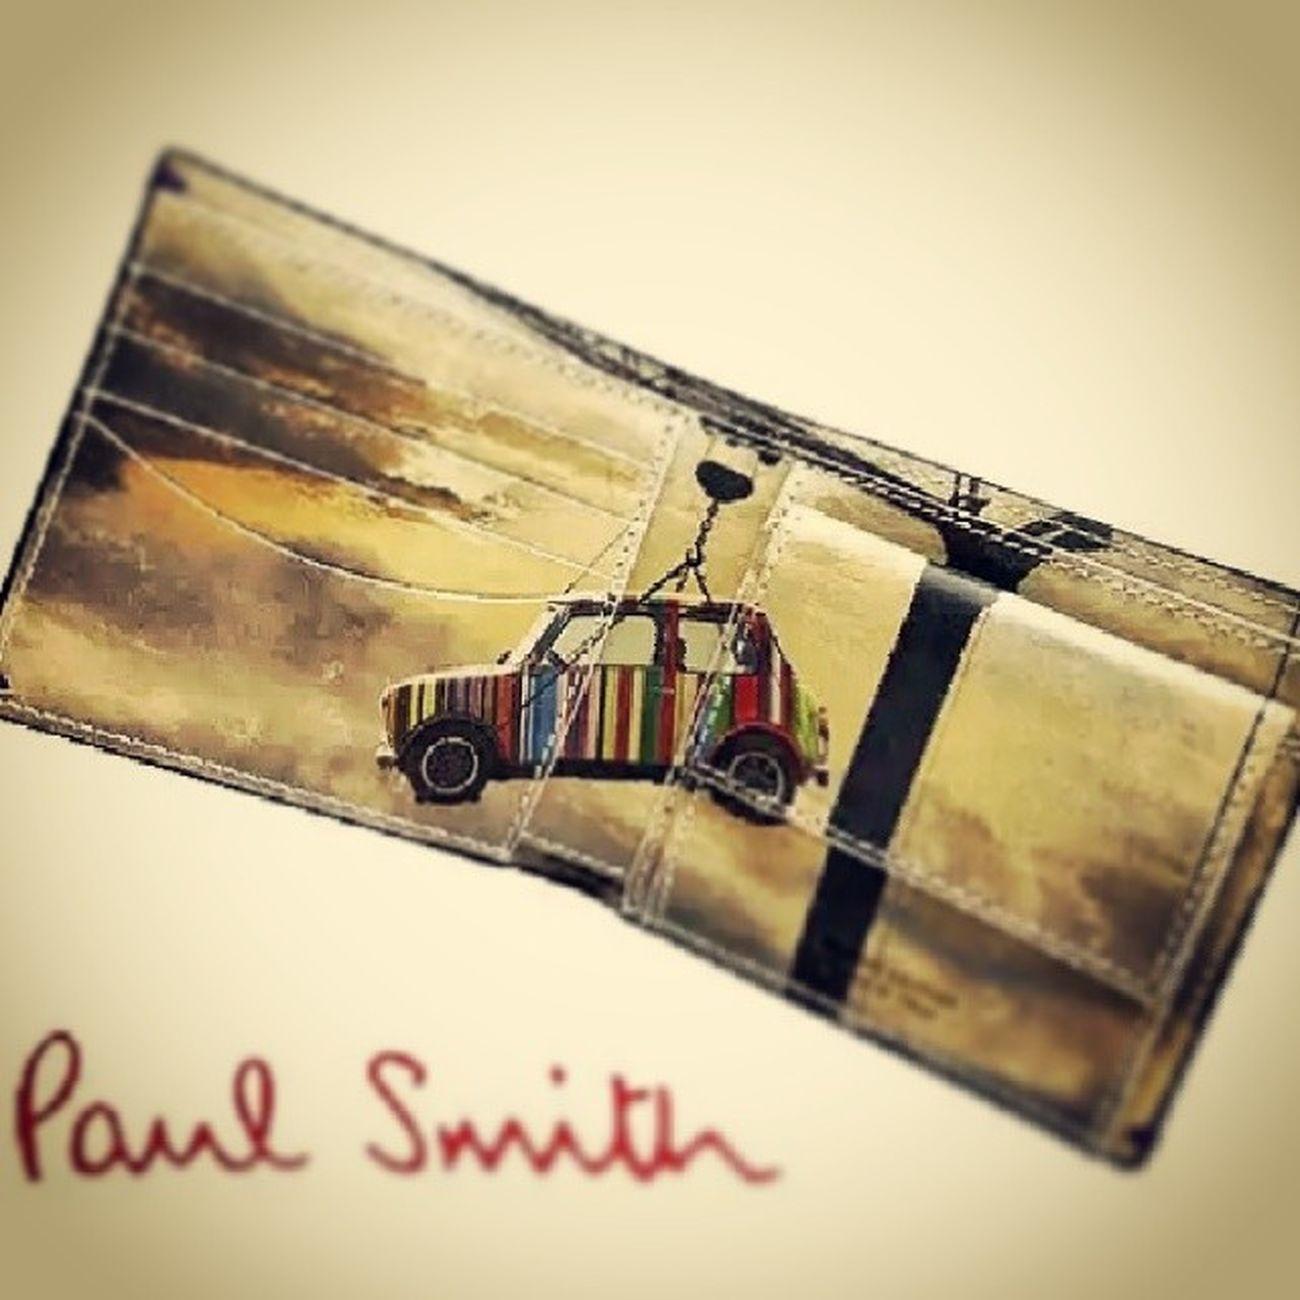 欲しい!どこで買えんだろ(._.) Paul smith 財布 Mini ミニクーパー このタグのシステムよくわかんない